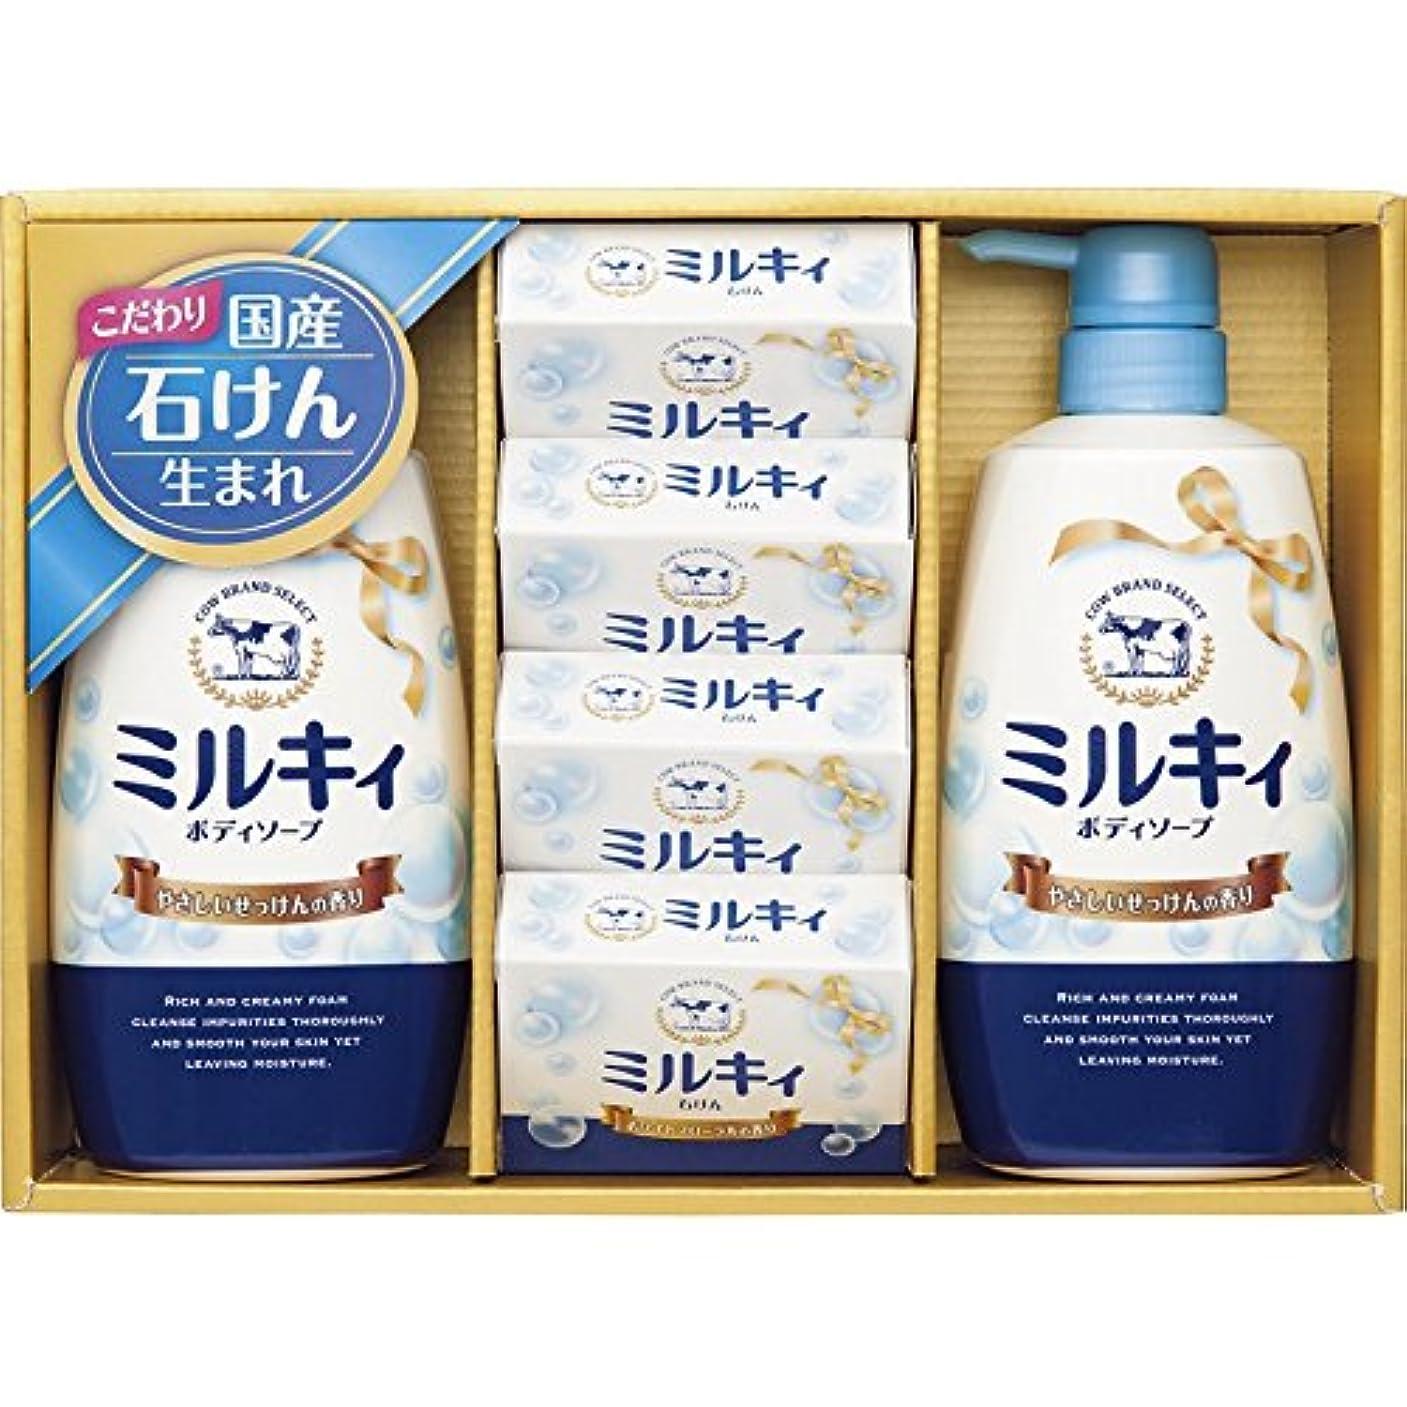 科学普通にグリル牛乳石鹸 カウブランドセレクト 【固形 ギフト ぼでぃーそーぷ せっけん あわ いい香り いい匂い うるおい プレゼント お風呂 かおり からだ きれい つめあわせ かうぶらんど 2500】